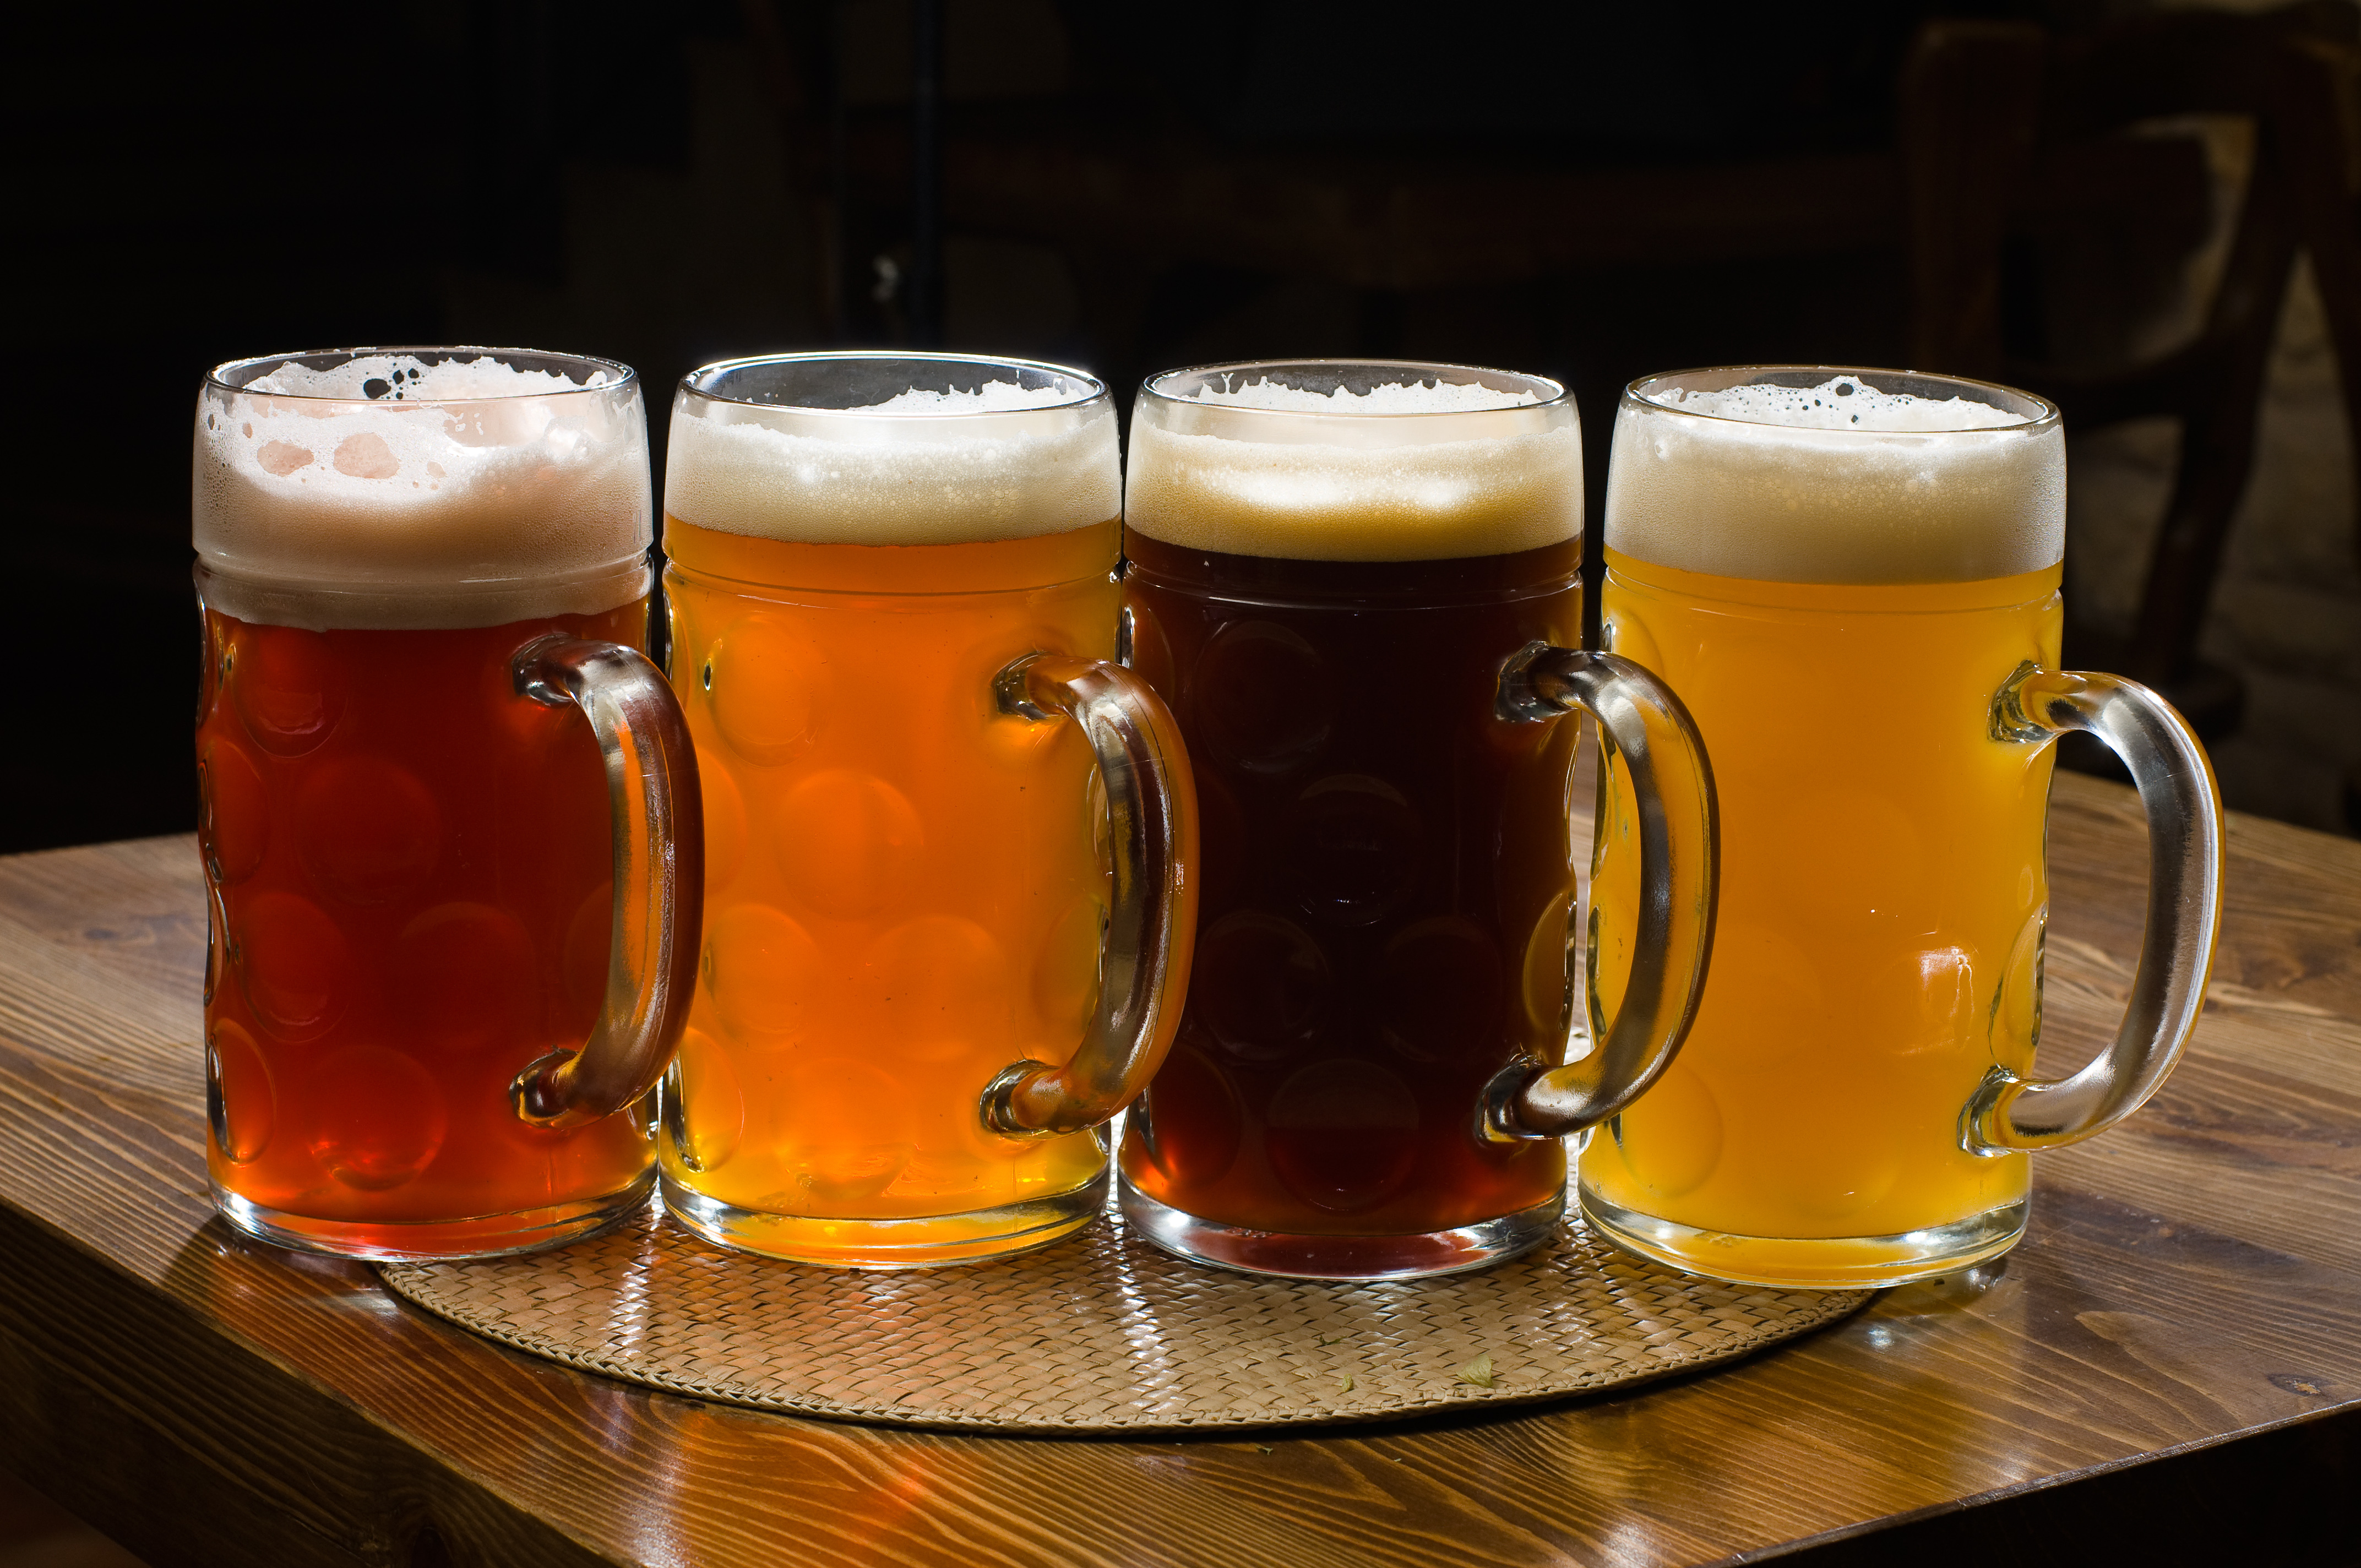 ваш фото кружки пива красивое можно